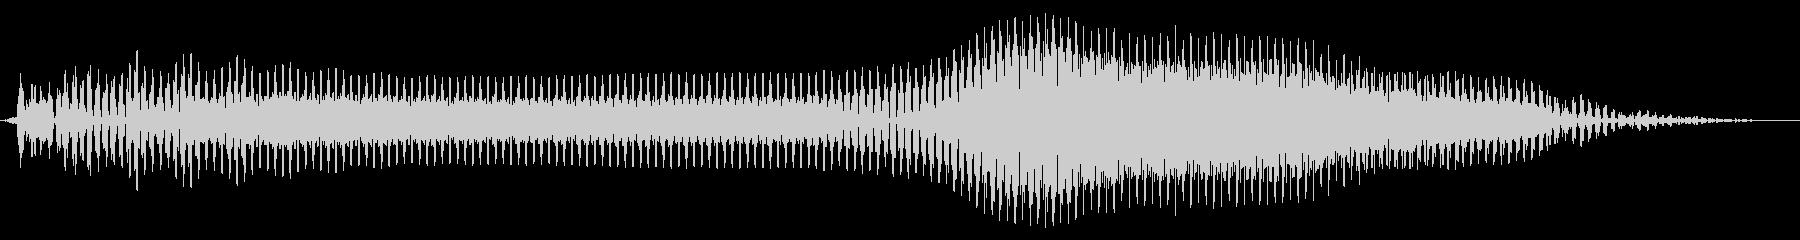 ワッ ワウ コミカル トランペットの未再生の波形